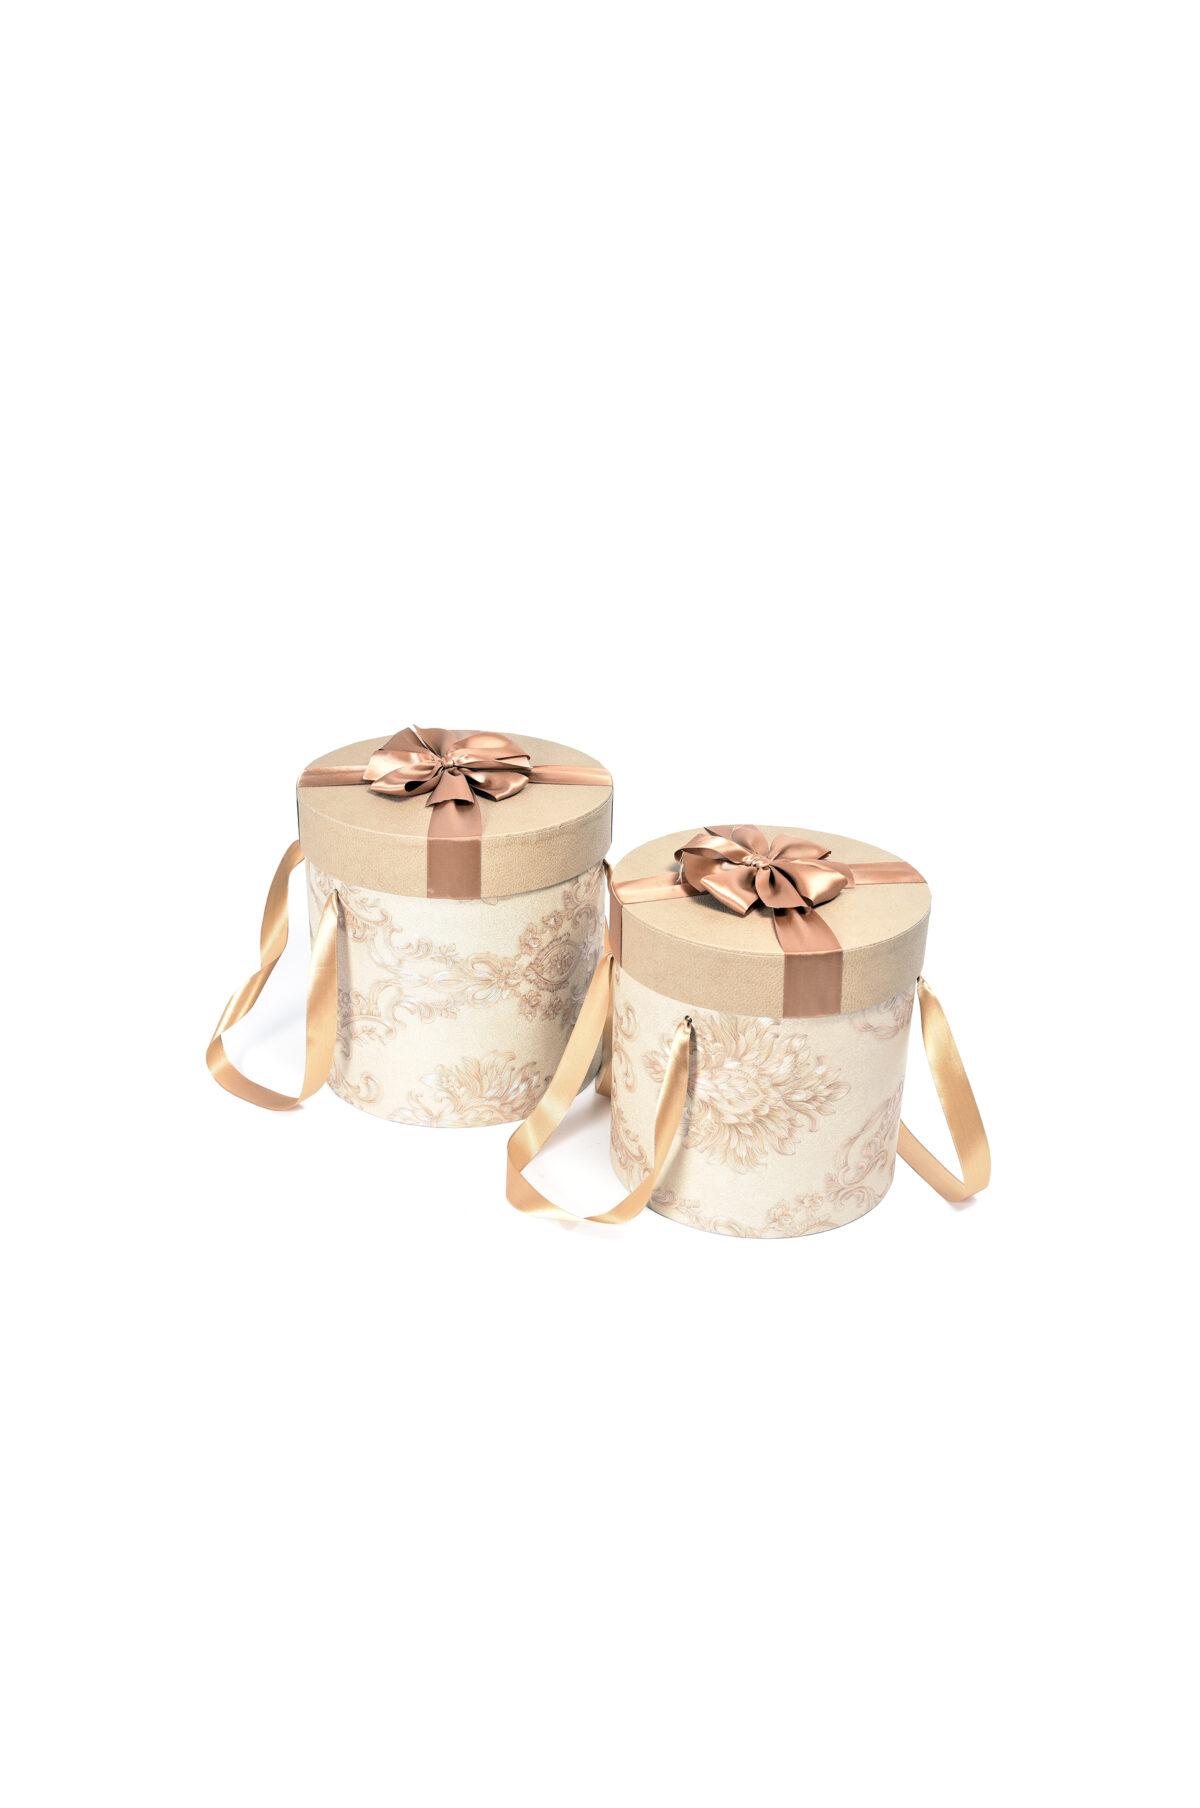 Set 2 Scatole regalo – Flower Box Tonde rivestite in tessuto con nastro marrone sul coperchio e con manico Gr.: 26x26x26 cm; Pic.: 24x24x24 cm